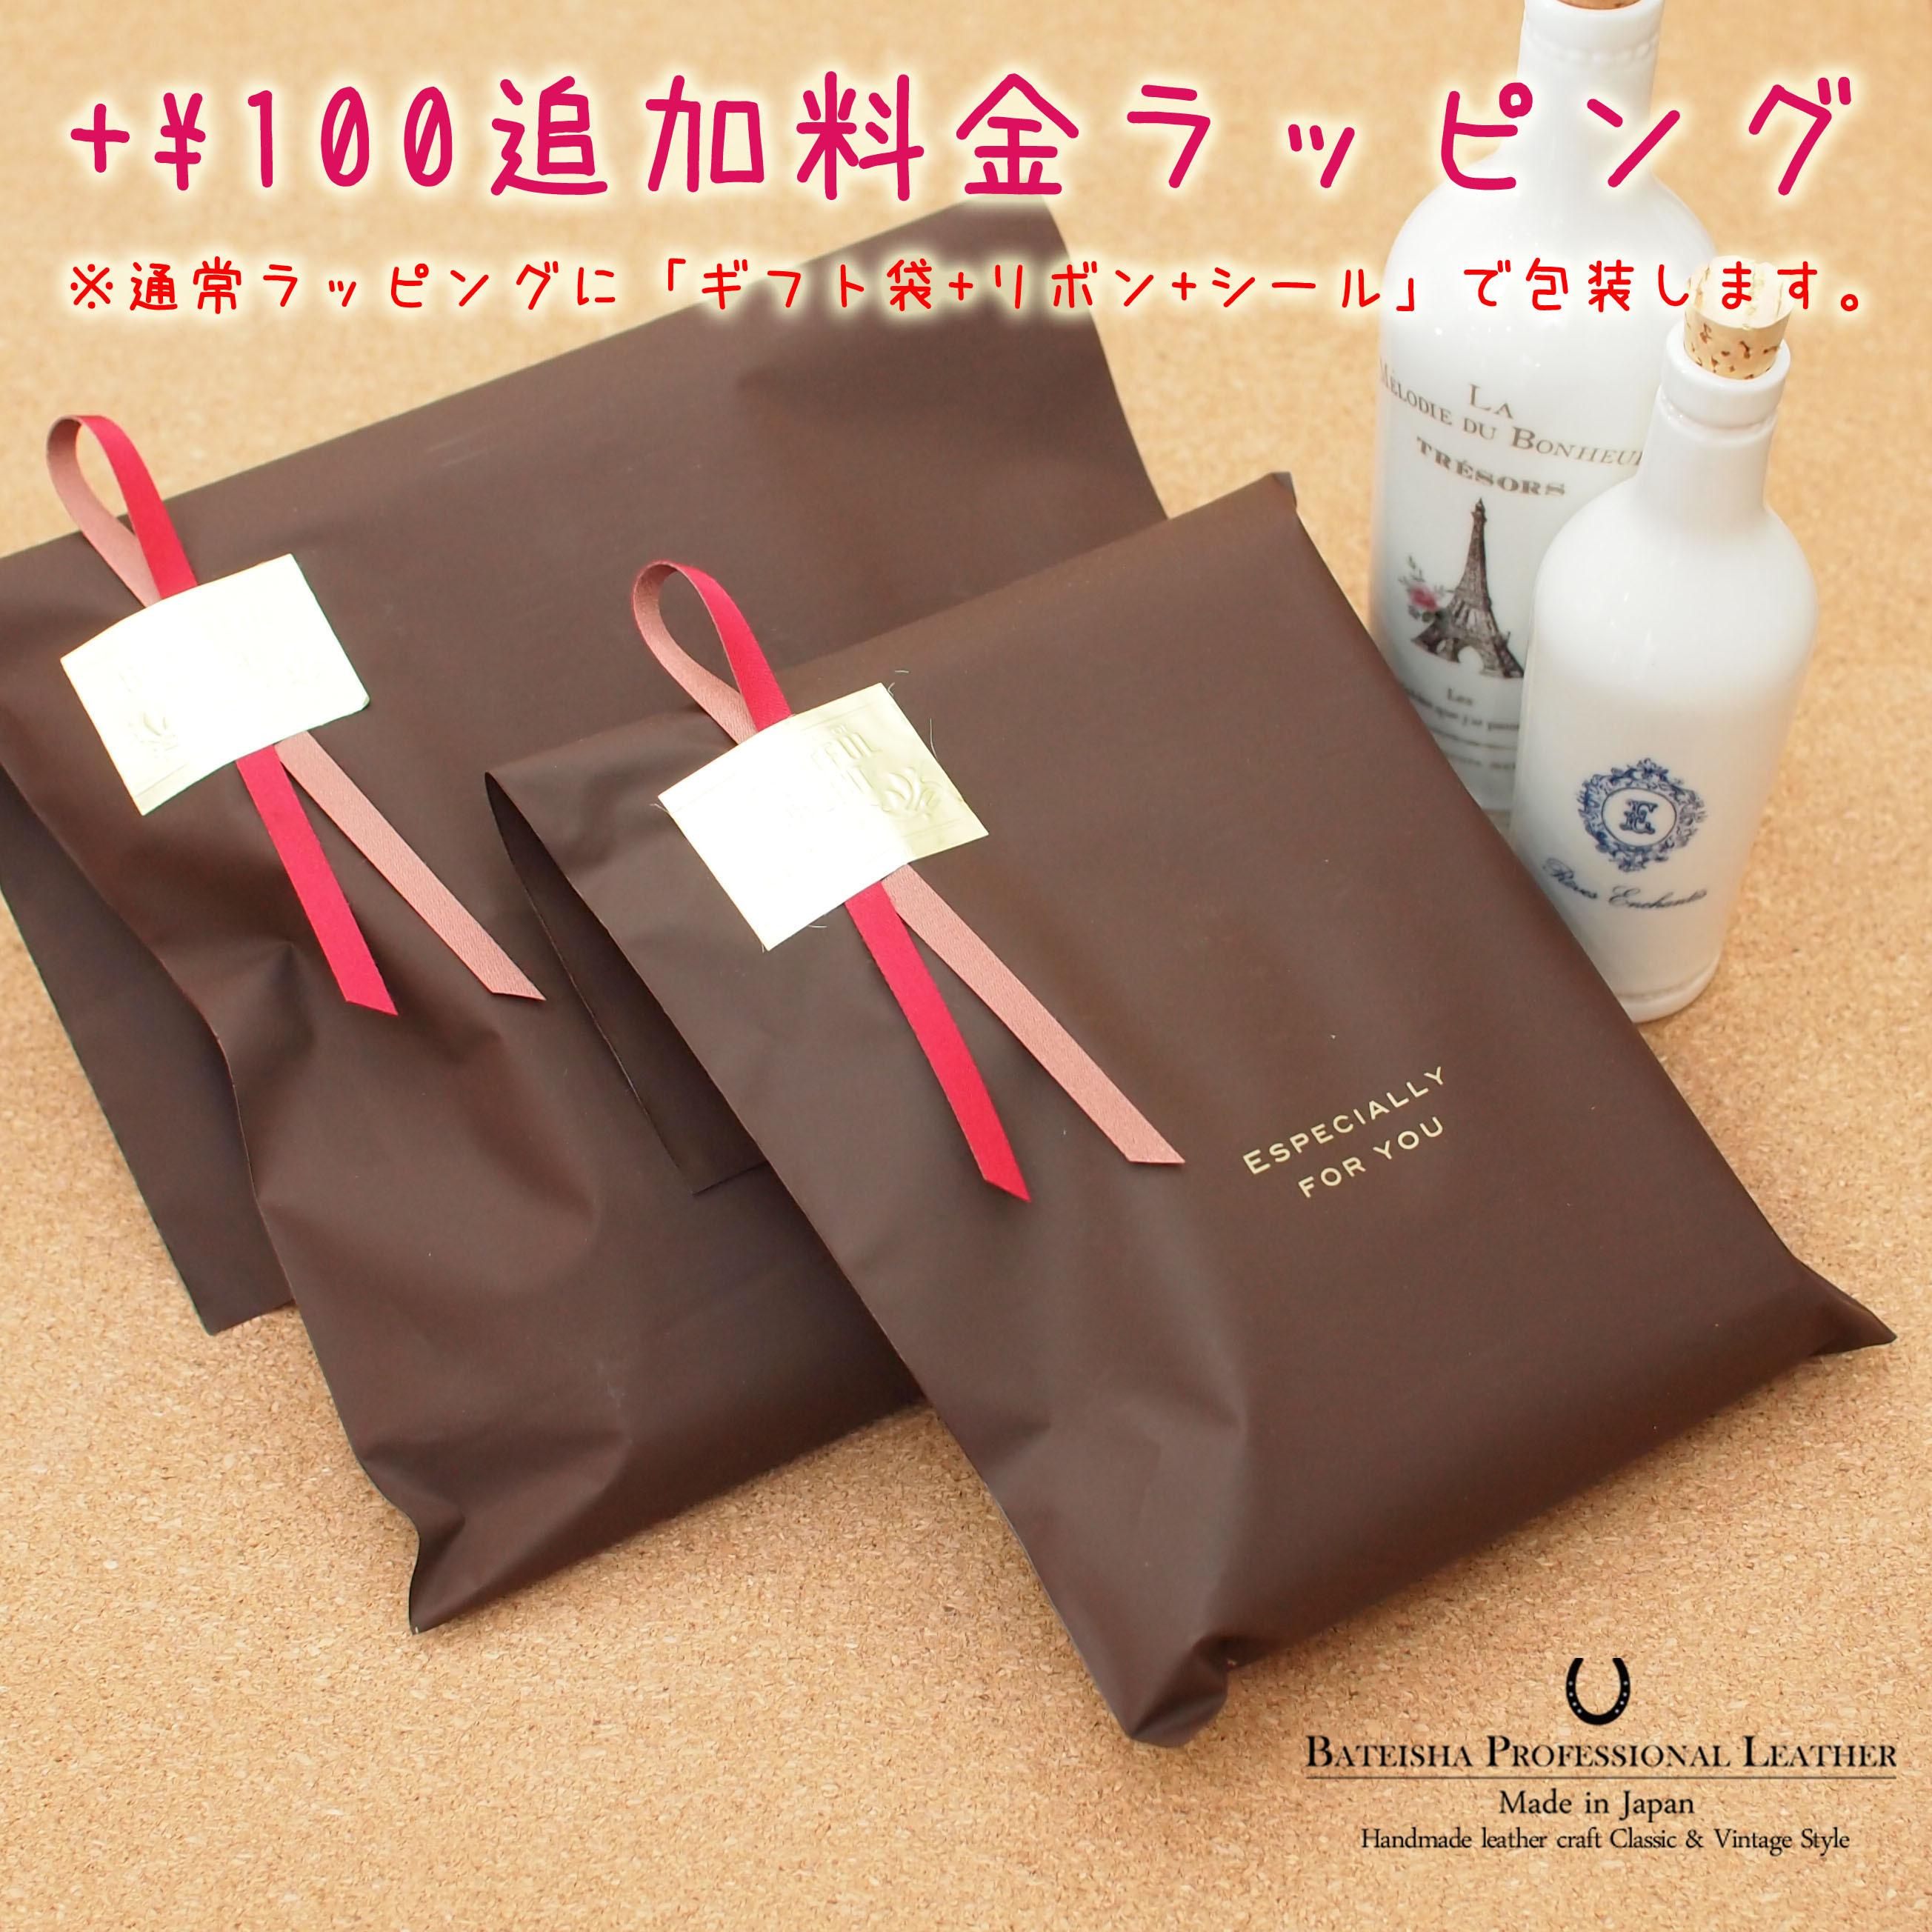 ラッピングAタイプ/ギフト袋+リボン+シールで包装